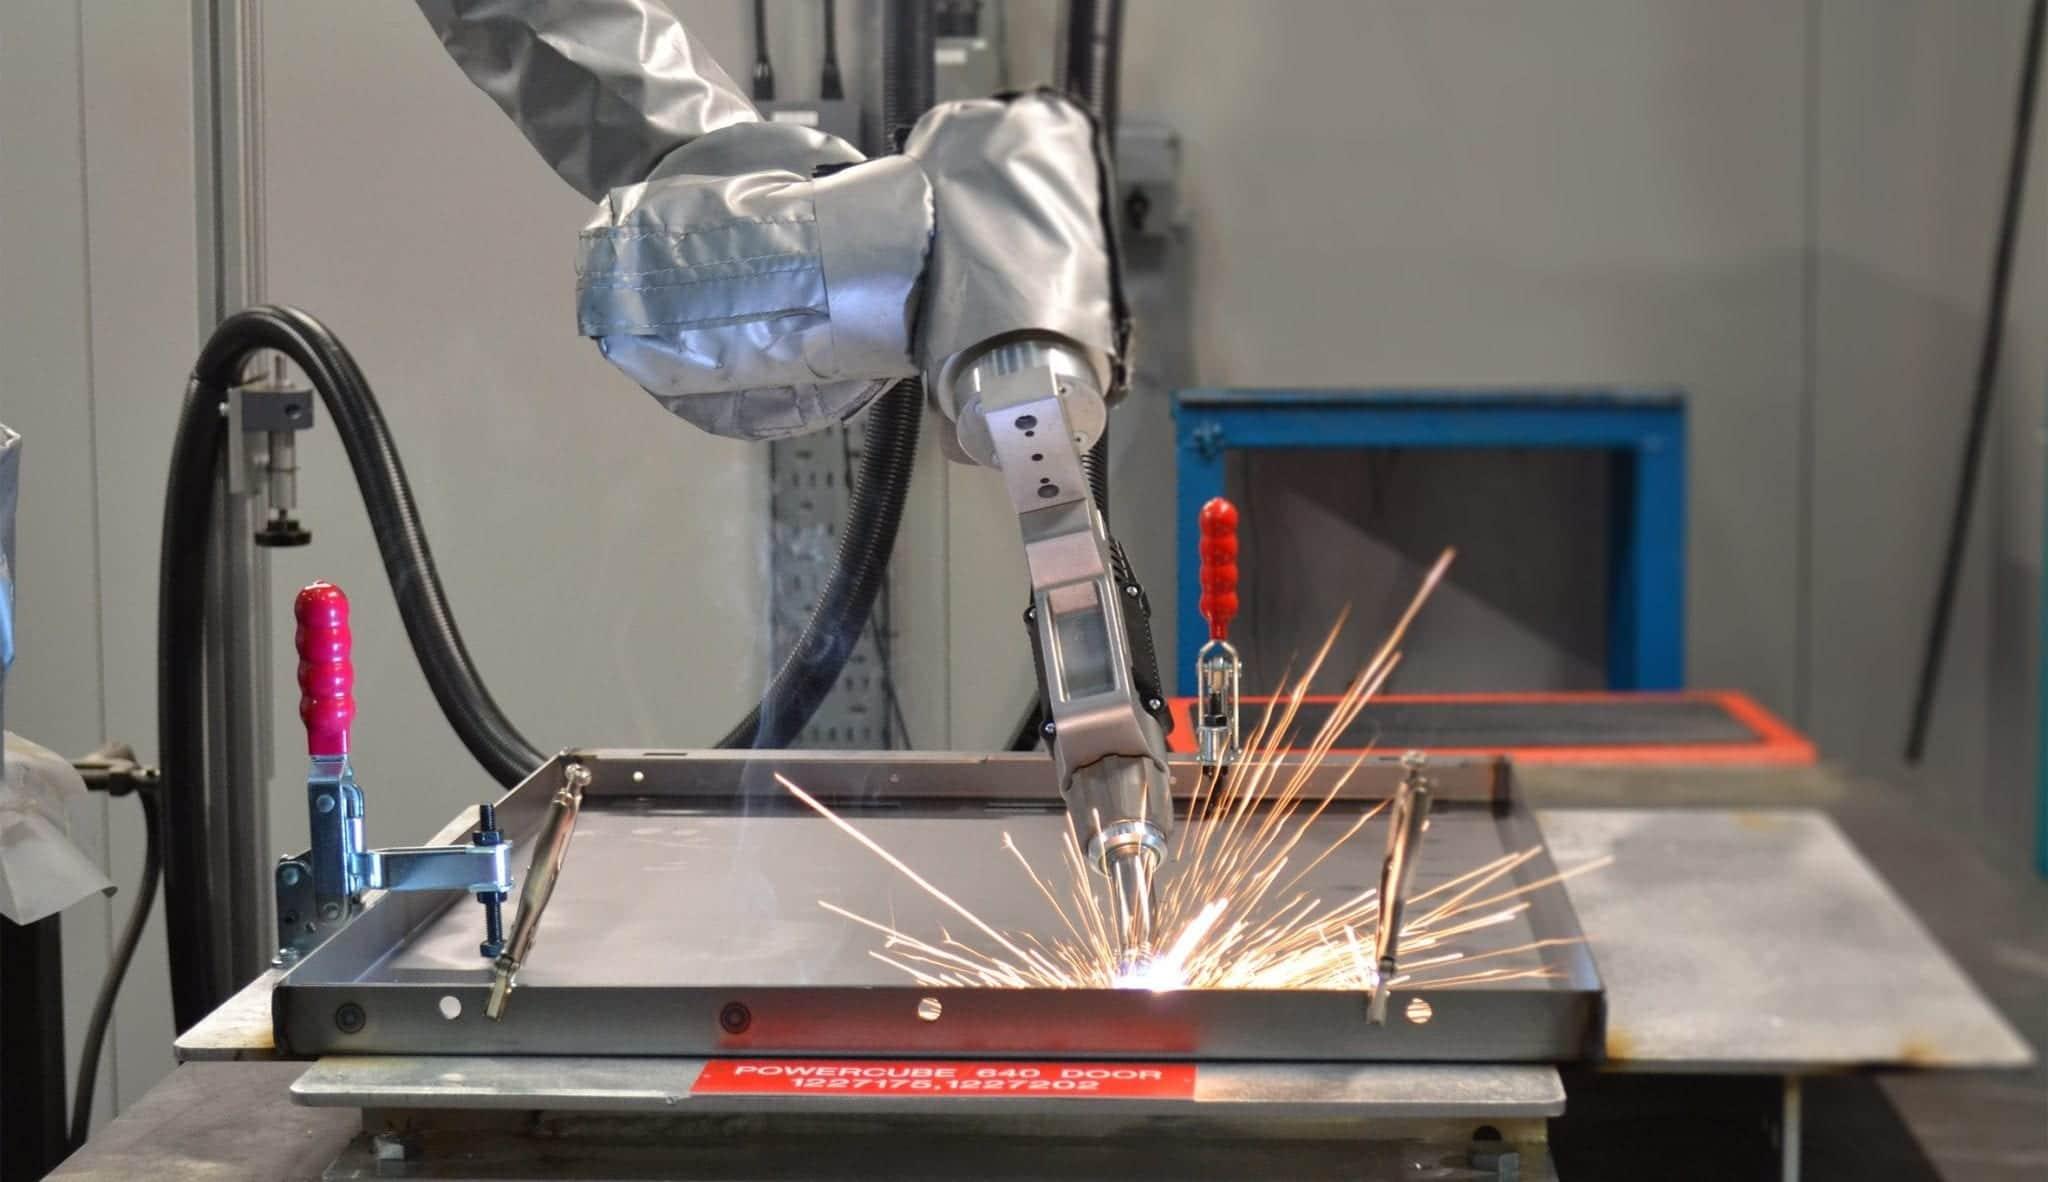 Universal Robot Welding Cell